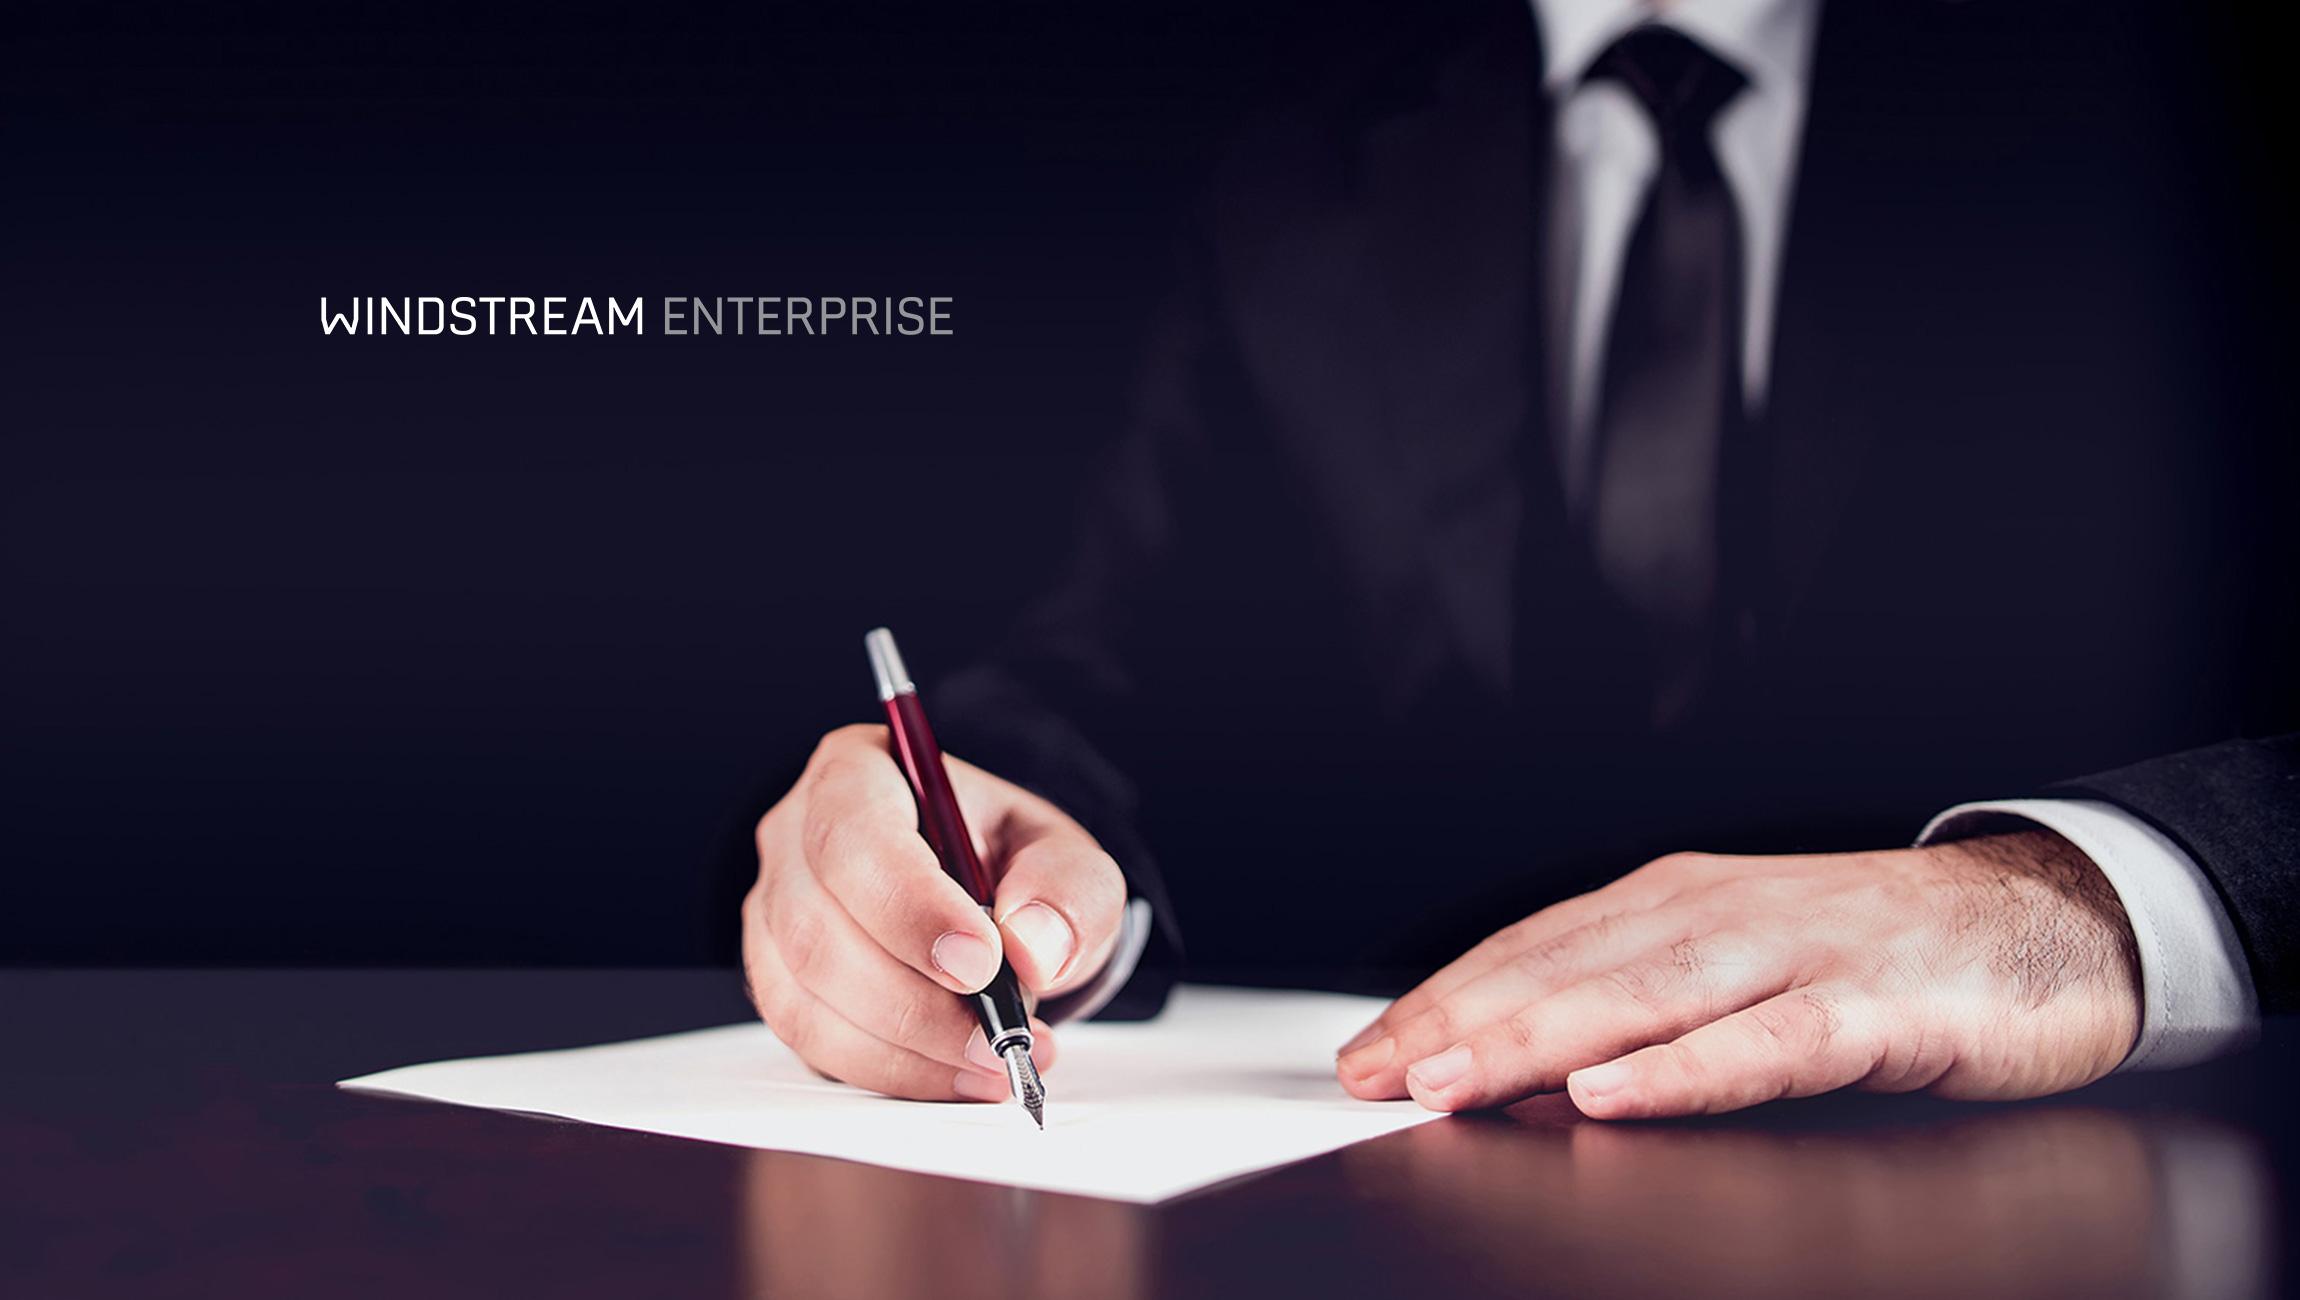 Windstream Enterprise Announces Unified Communications Integration for Slack